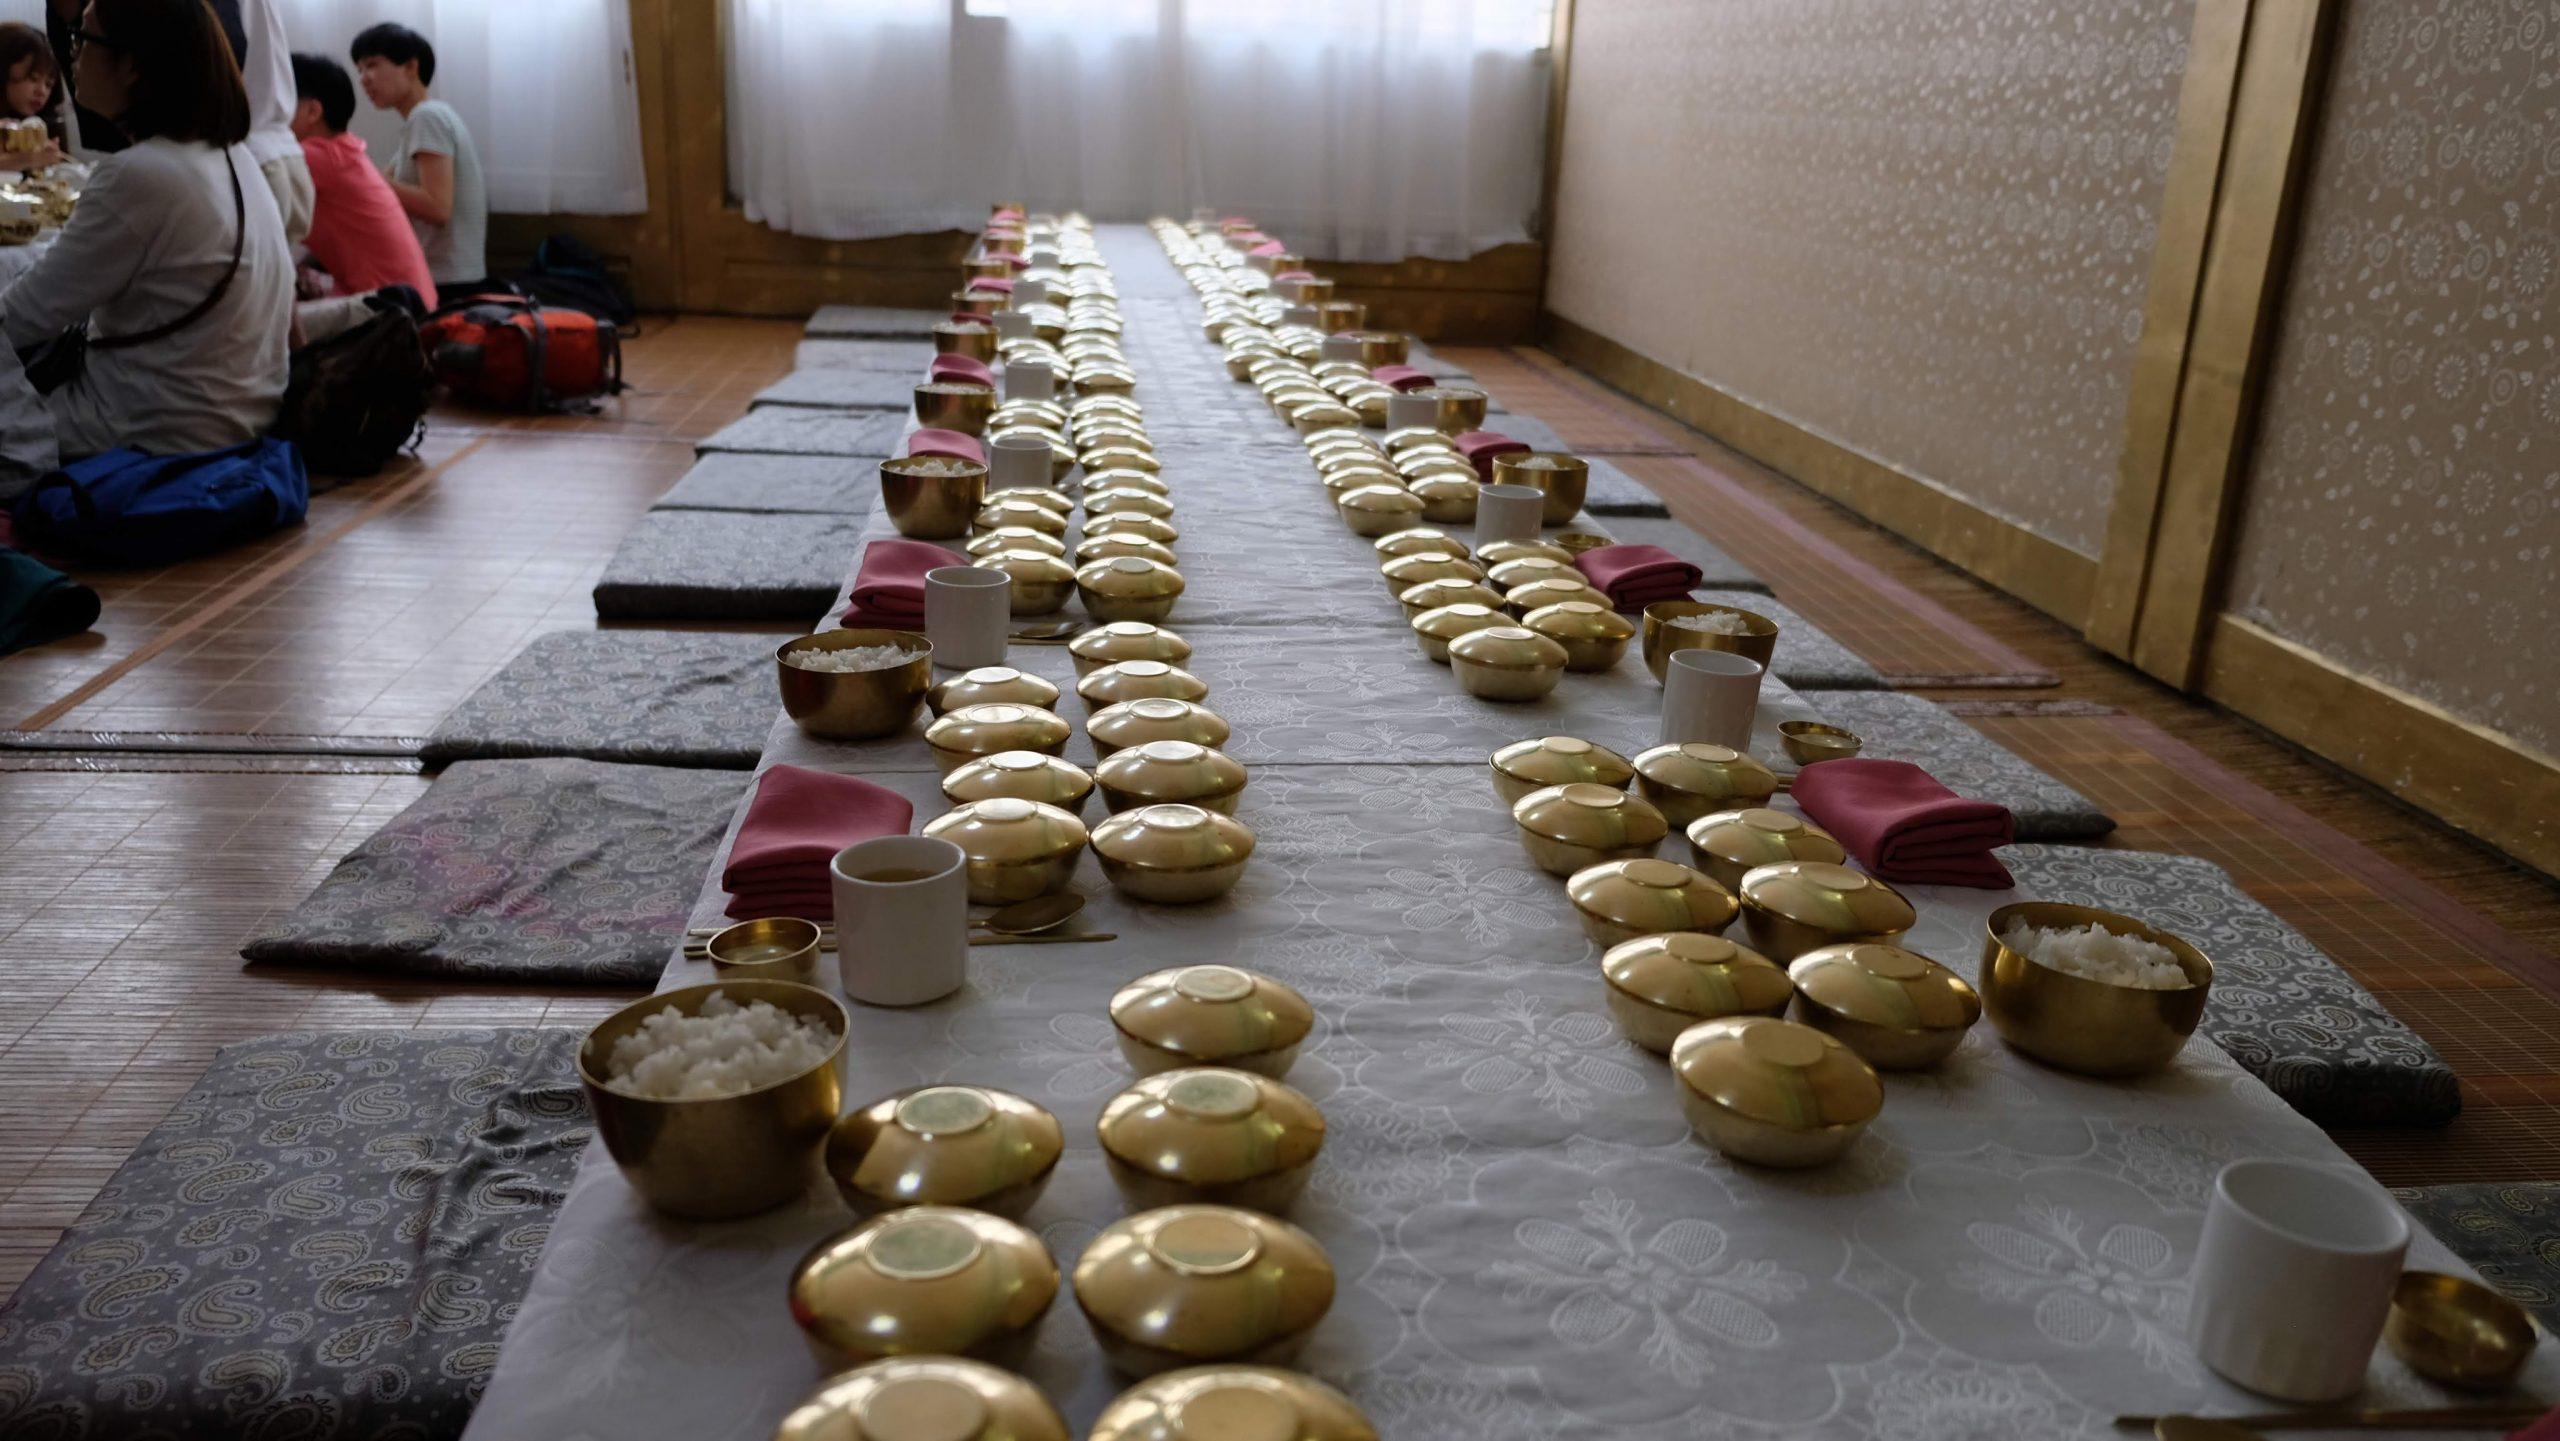 [開城] 傳統銅碗餐:穿越品嚐朝鮮御膳的風味,開城特產人蔘雞湯